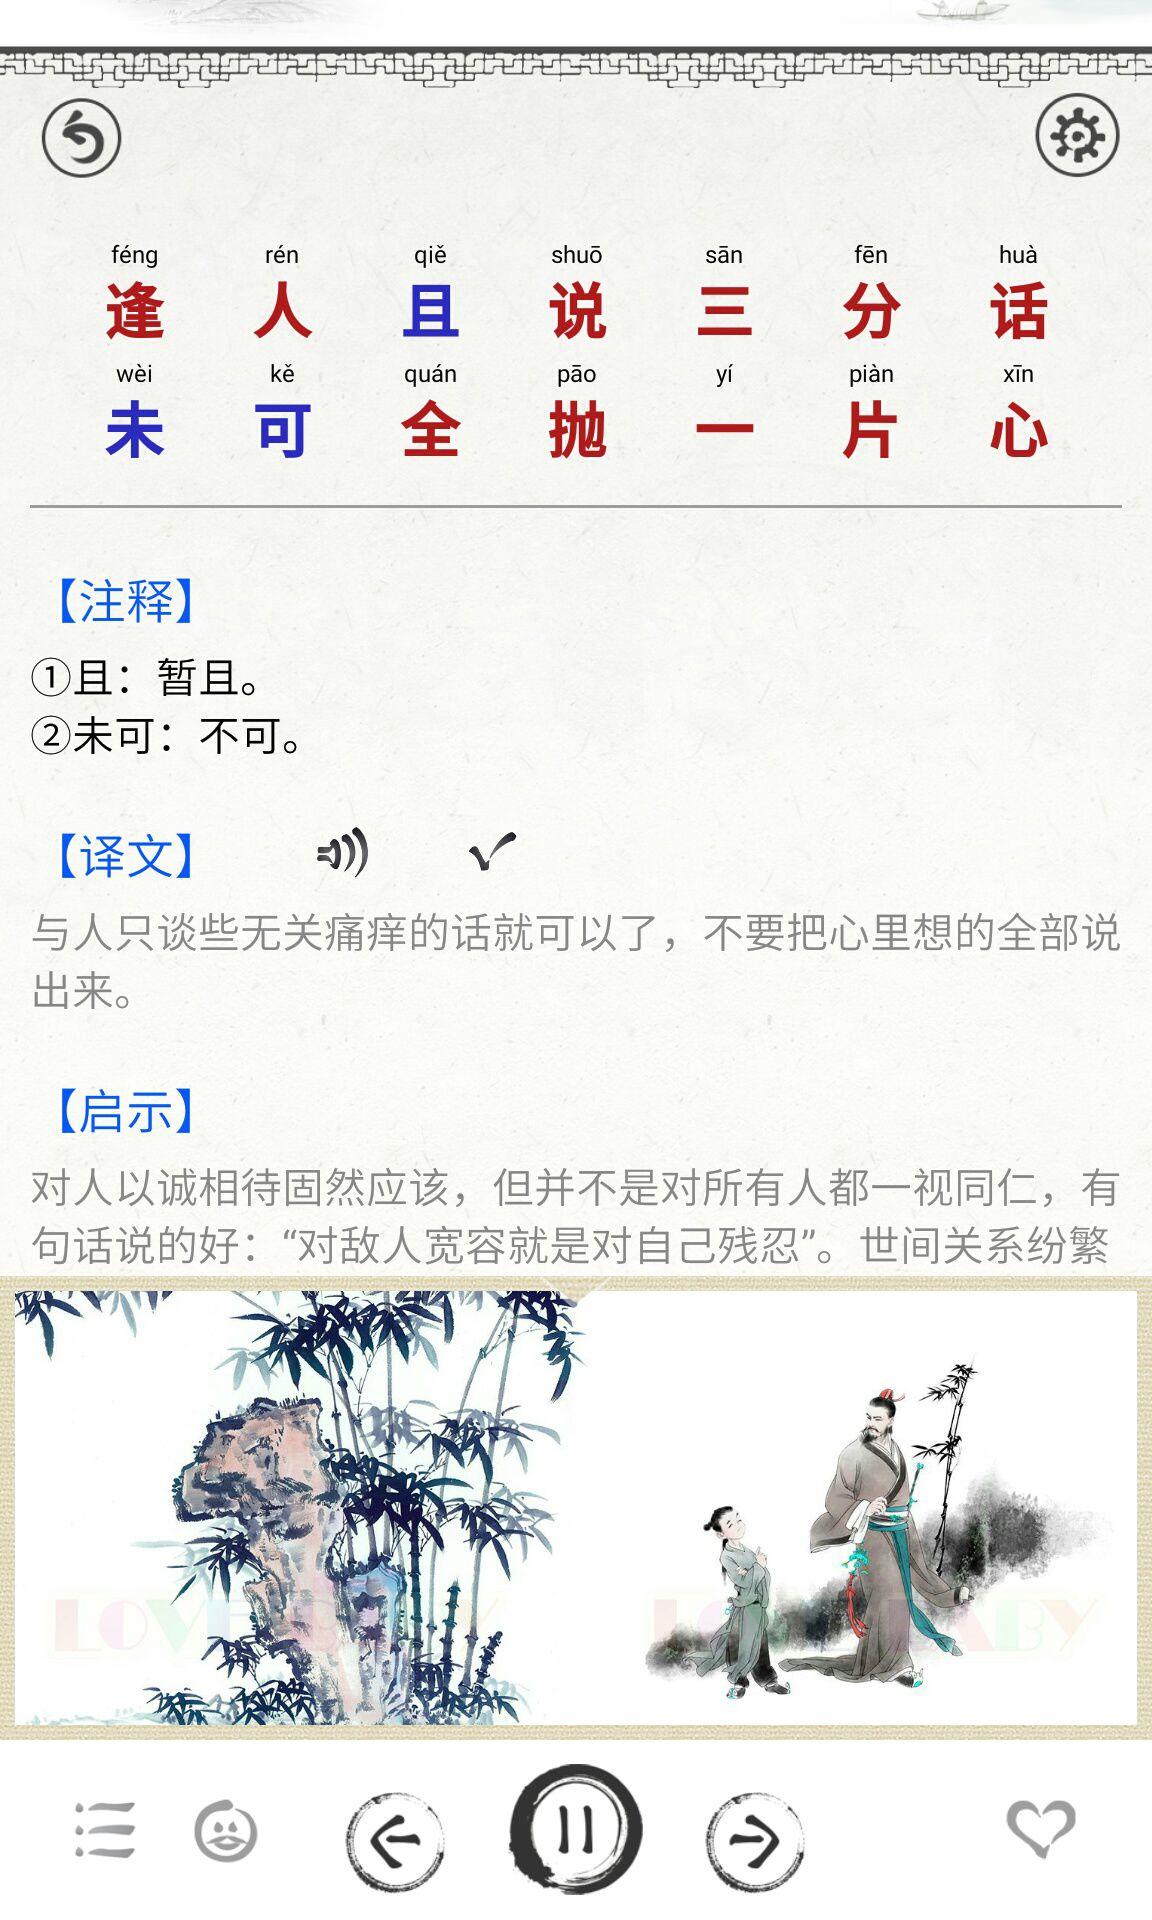 增广贤文图文有声国学 V2.1 安卓版截图4